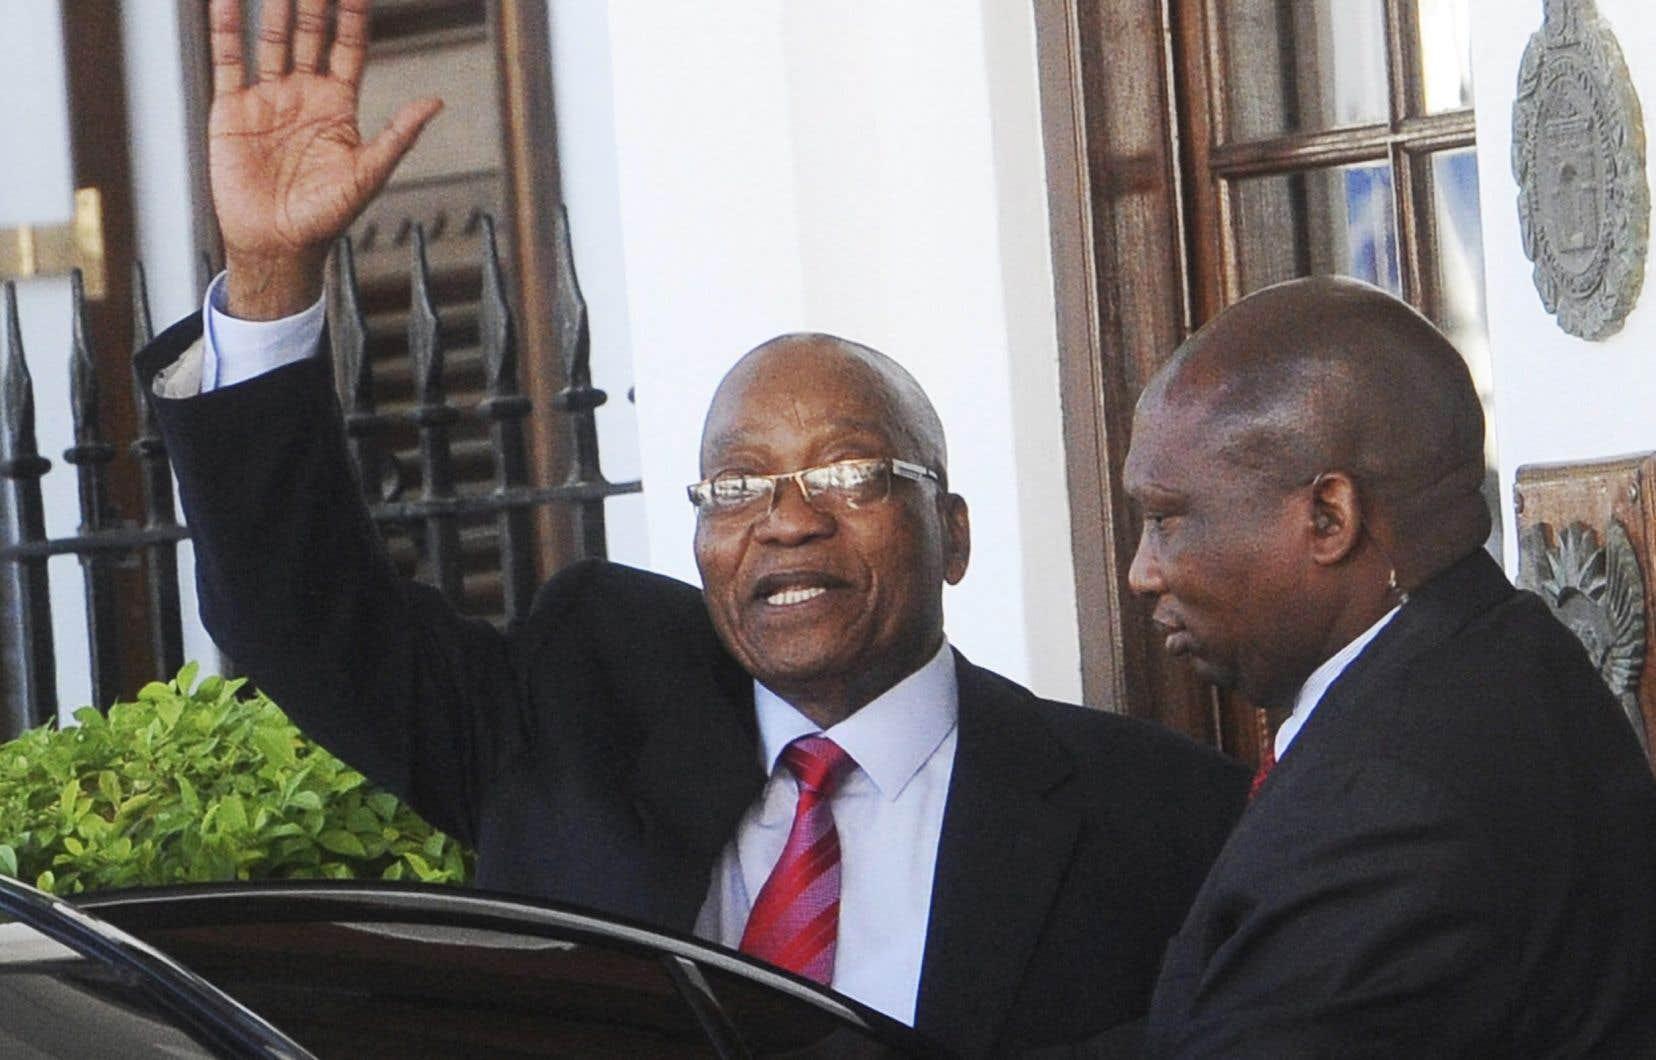 L'autorité du président Zuma a commencé à vaciller depuis l'élection en décembre de M.Ramaphosa qui lui a succédé à la tête de l'ANC.